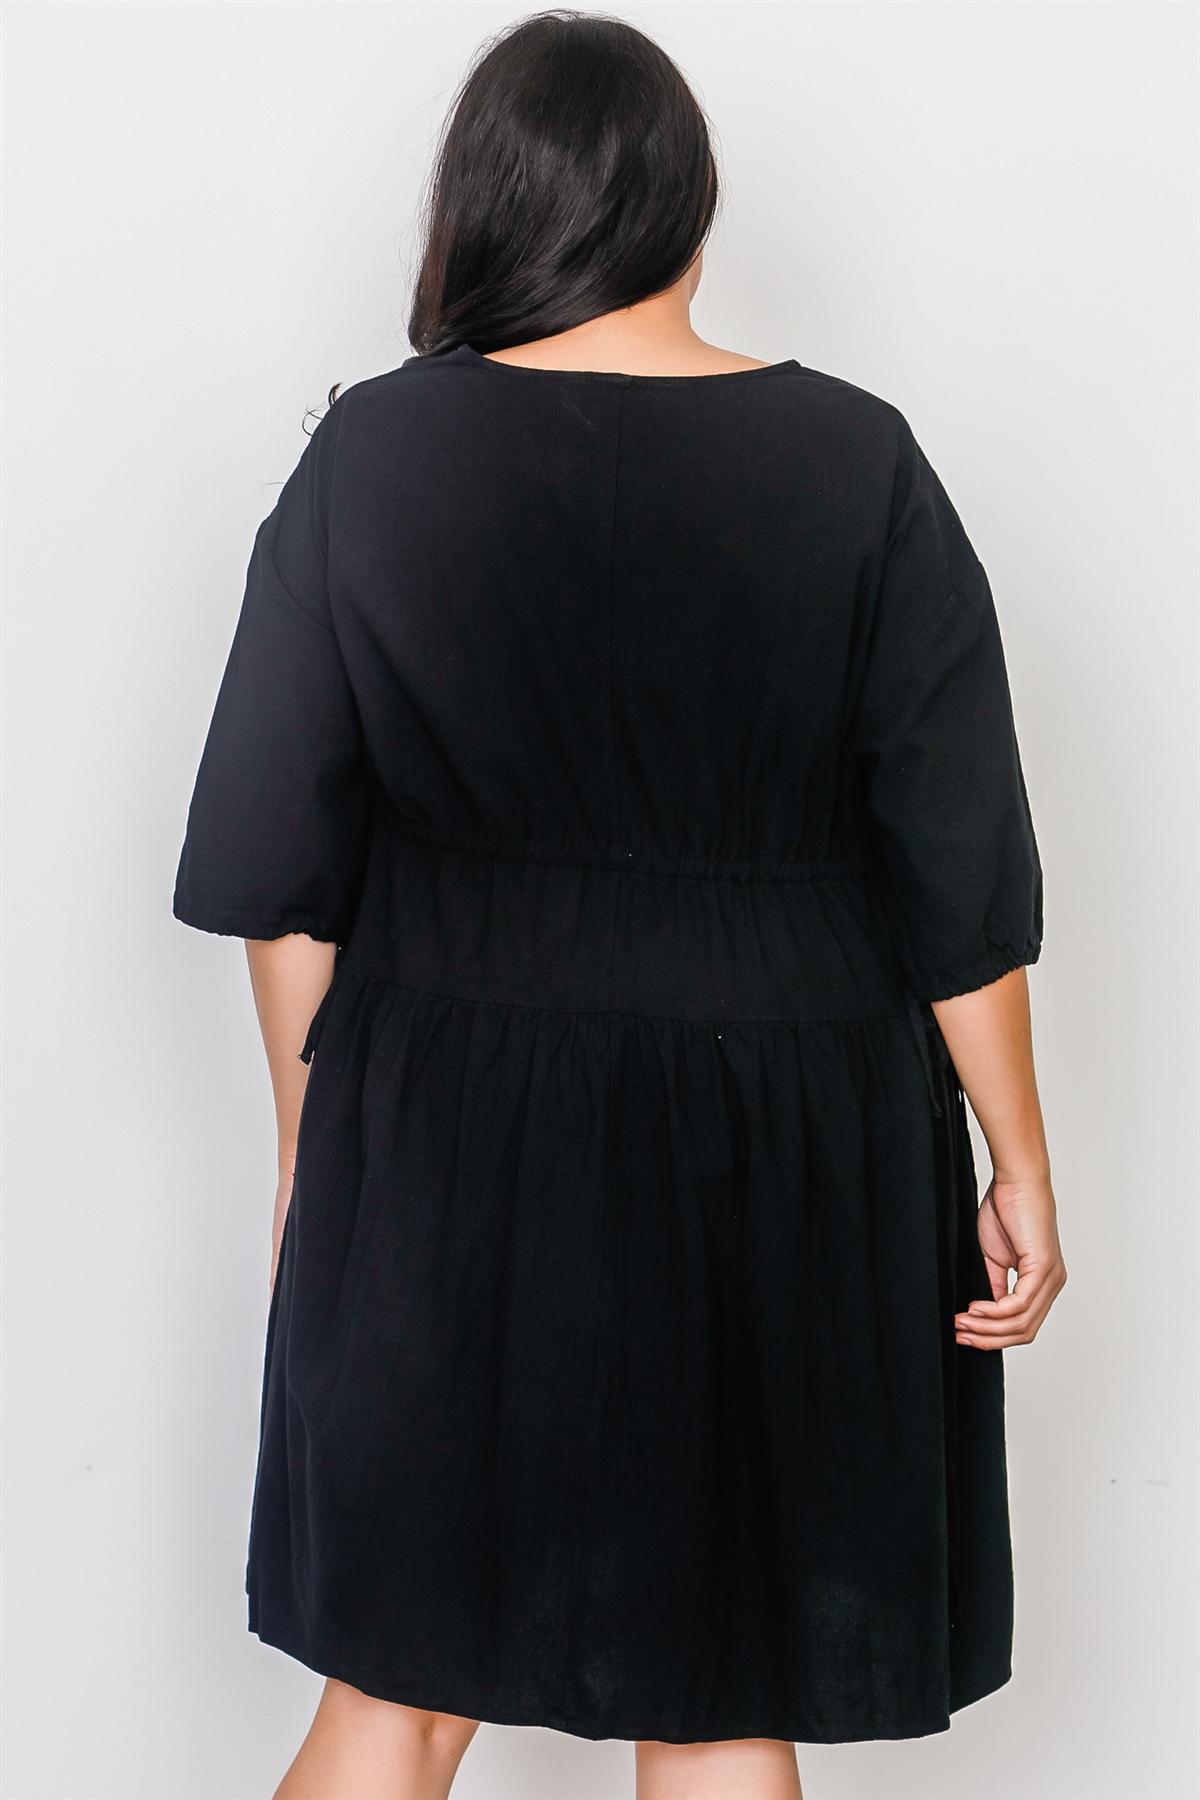 Plus Size Black Tie Sleeve Loose Midi Dress / 2-2-2